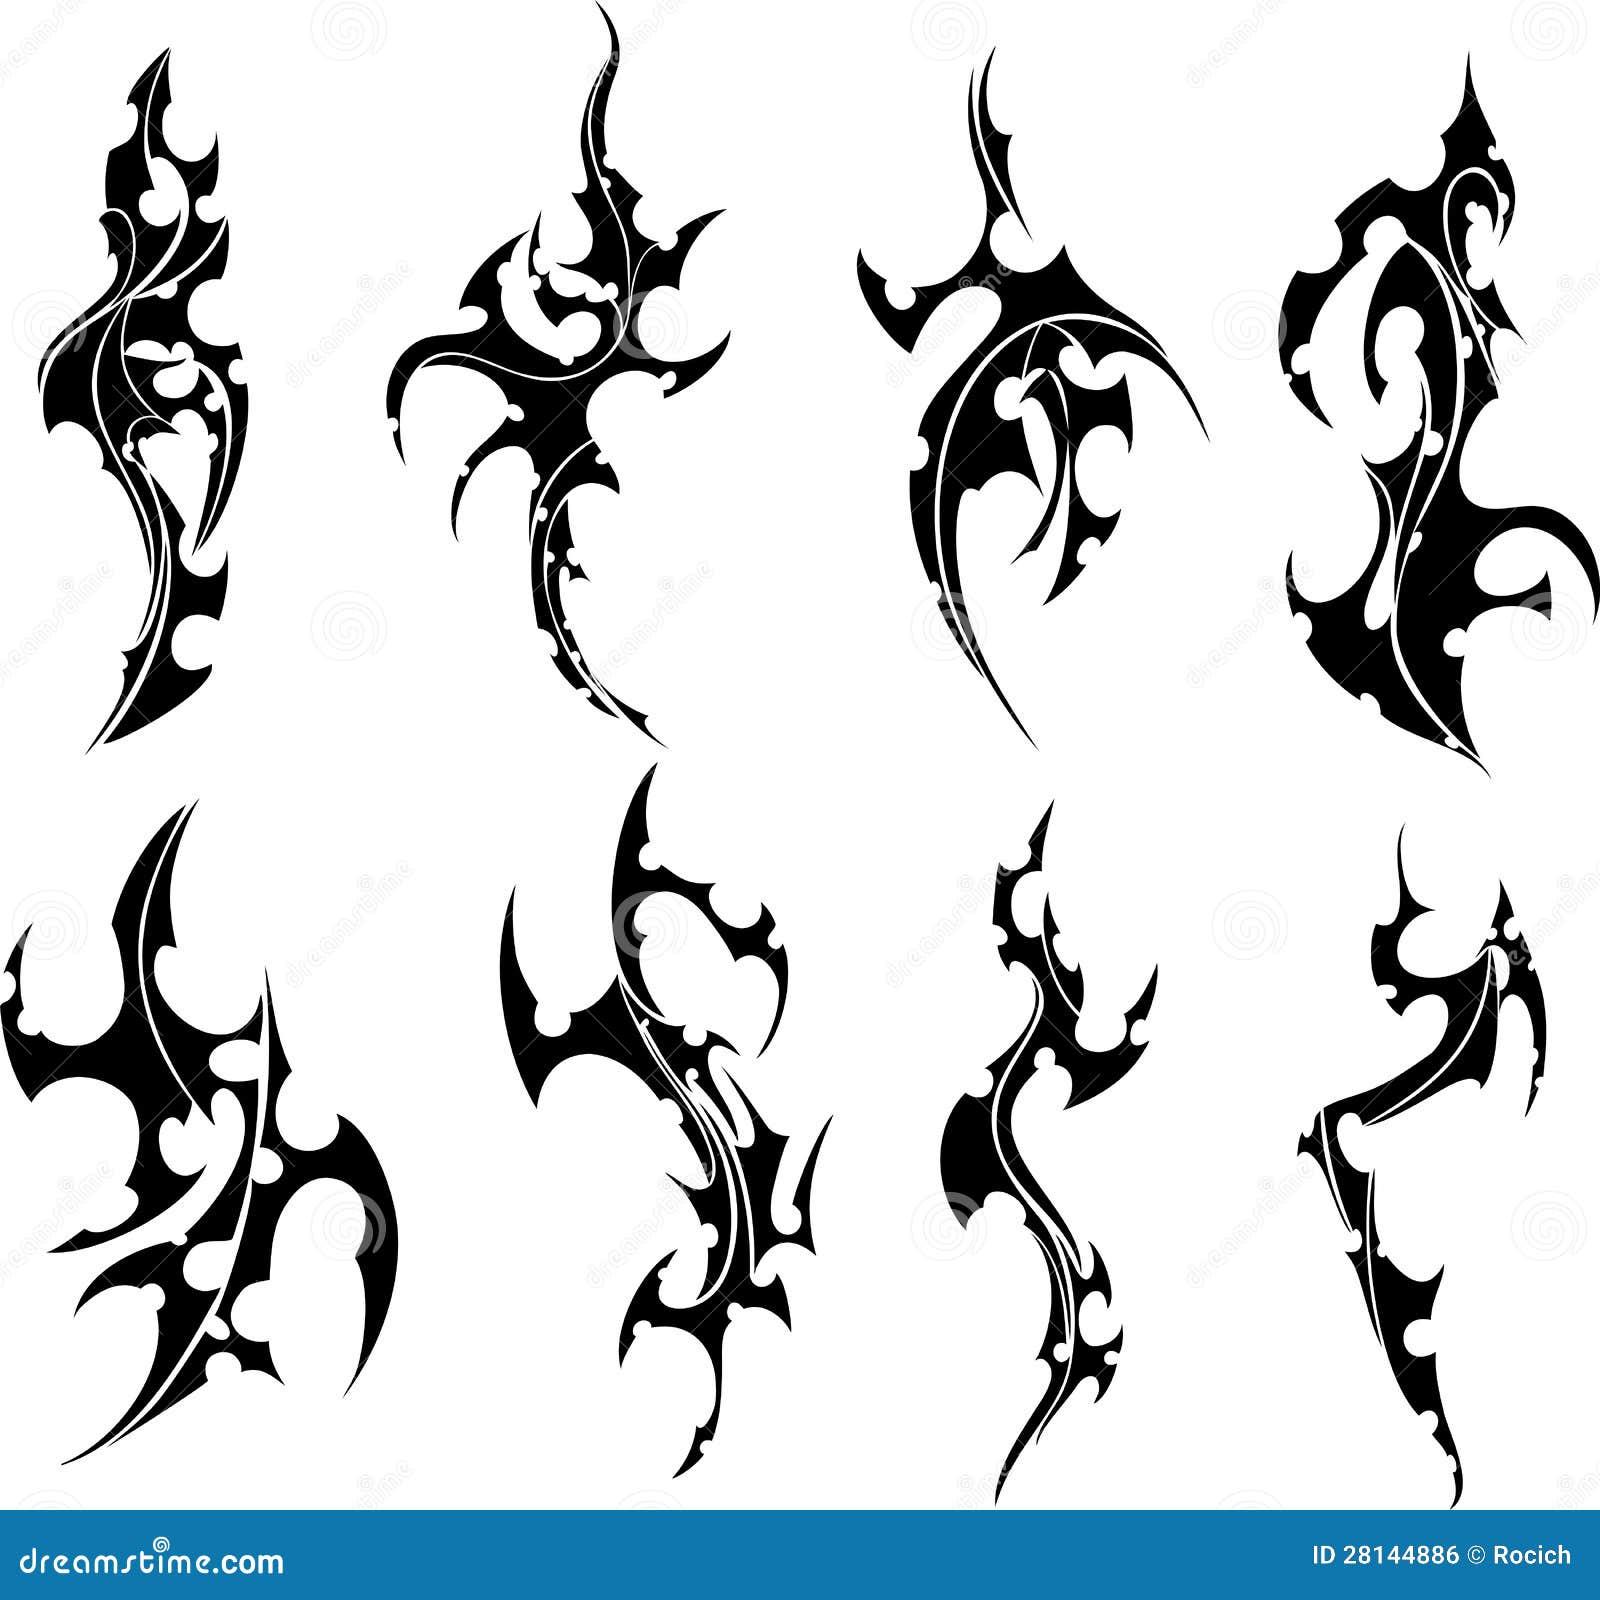 Tribal-Tattoos set-tribal-tattoos-28144886